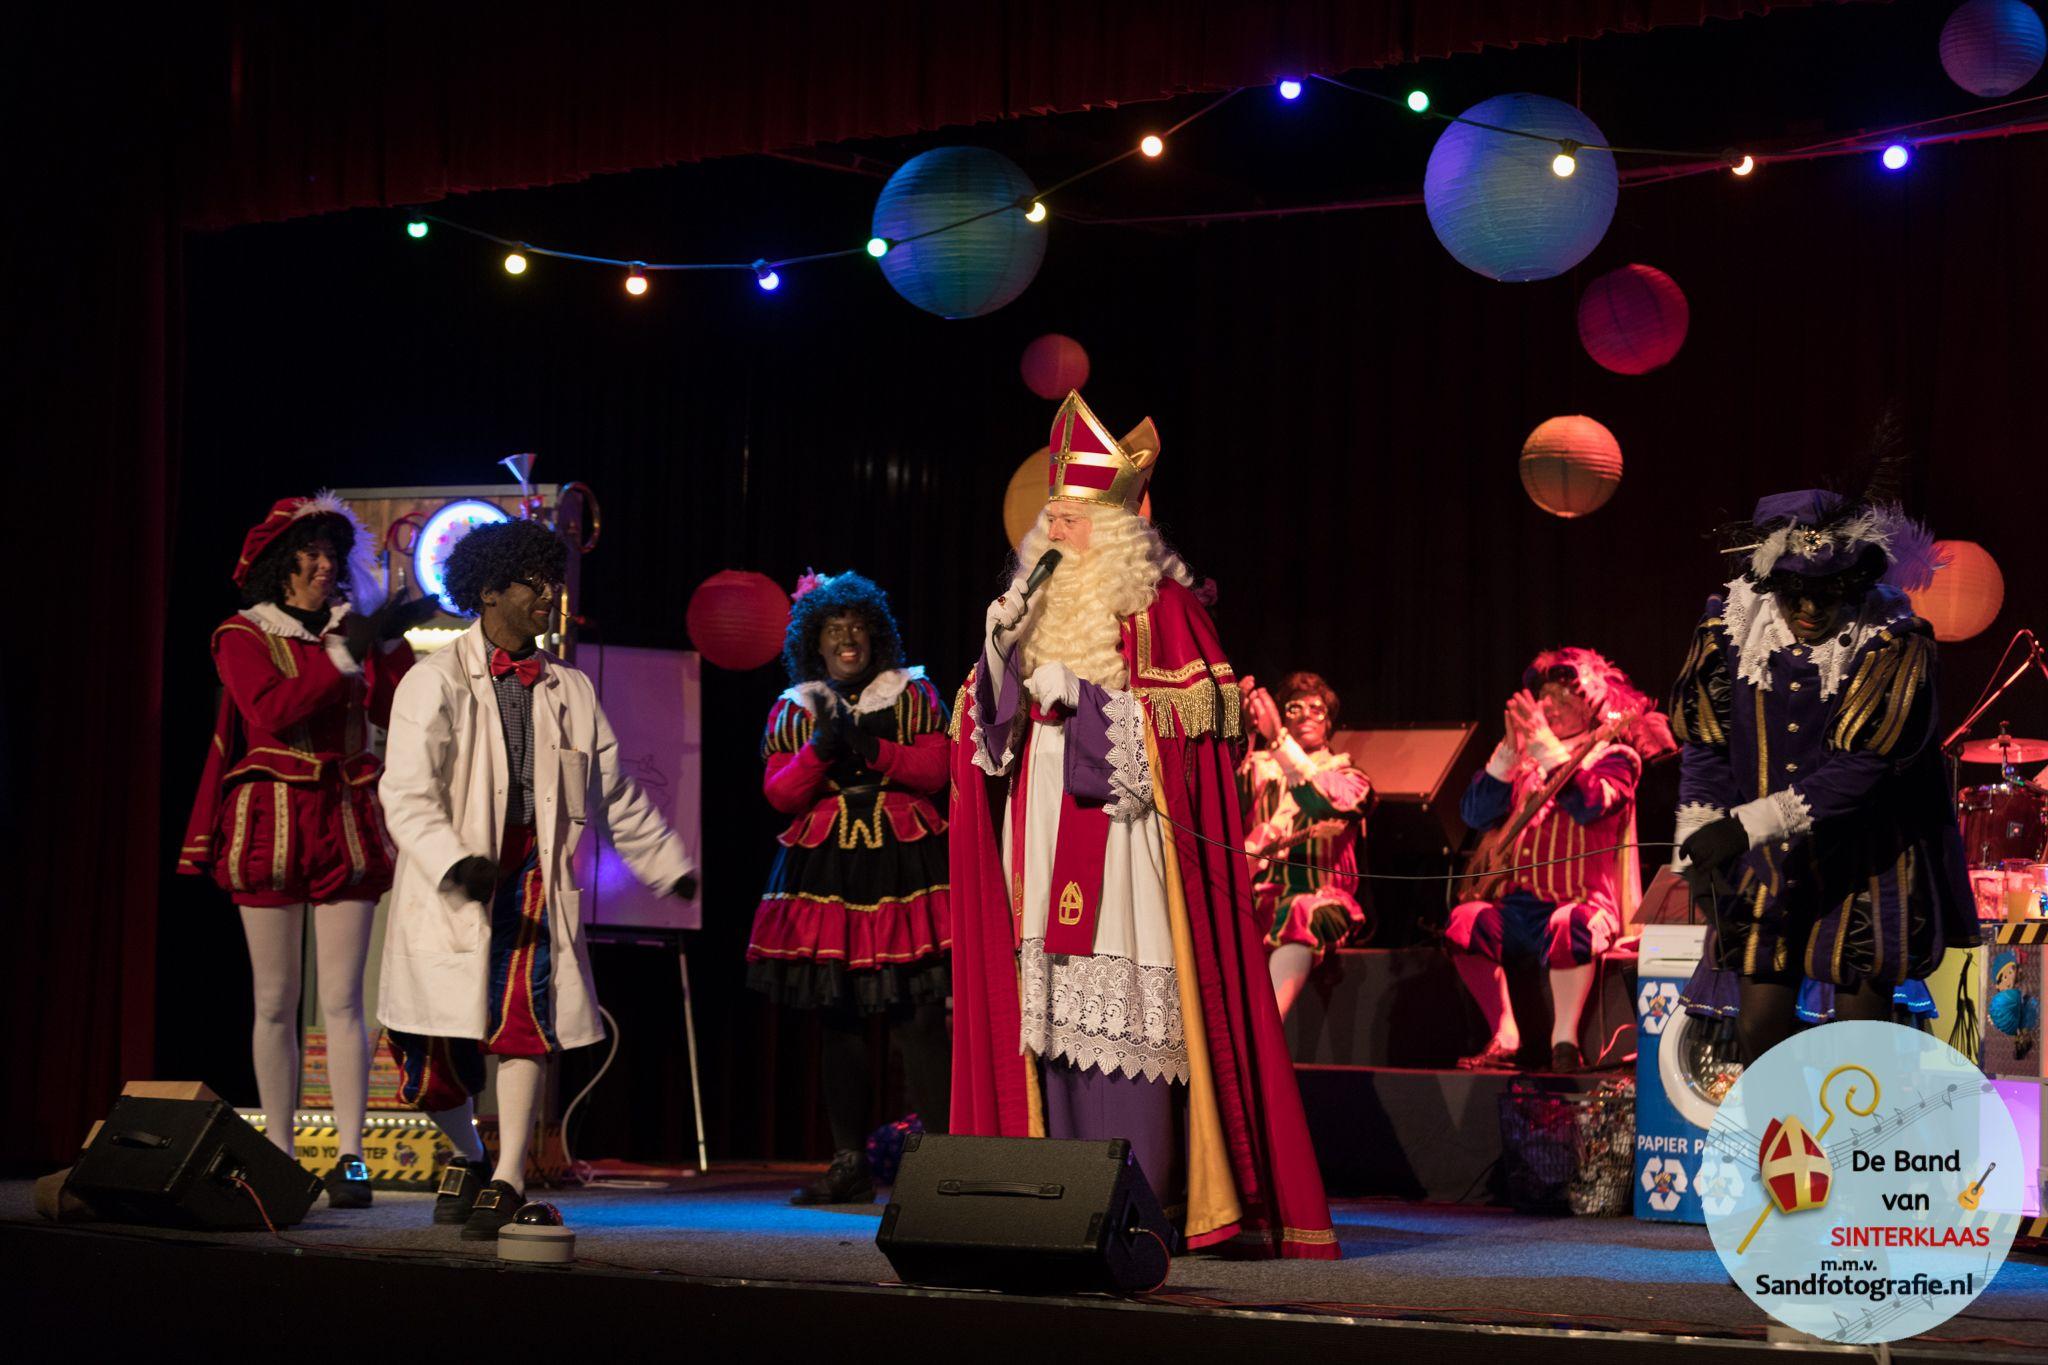 Theatershow Paniek in de Feestfabriek Vriezenveen Sand Fotografie